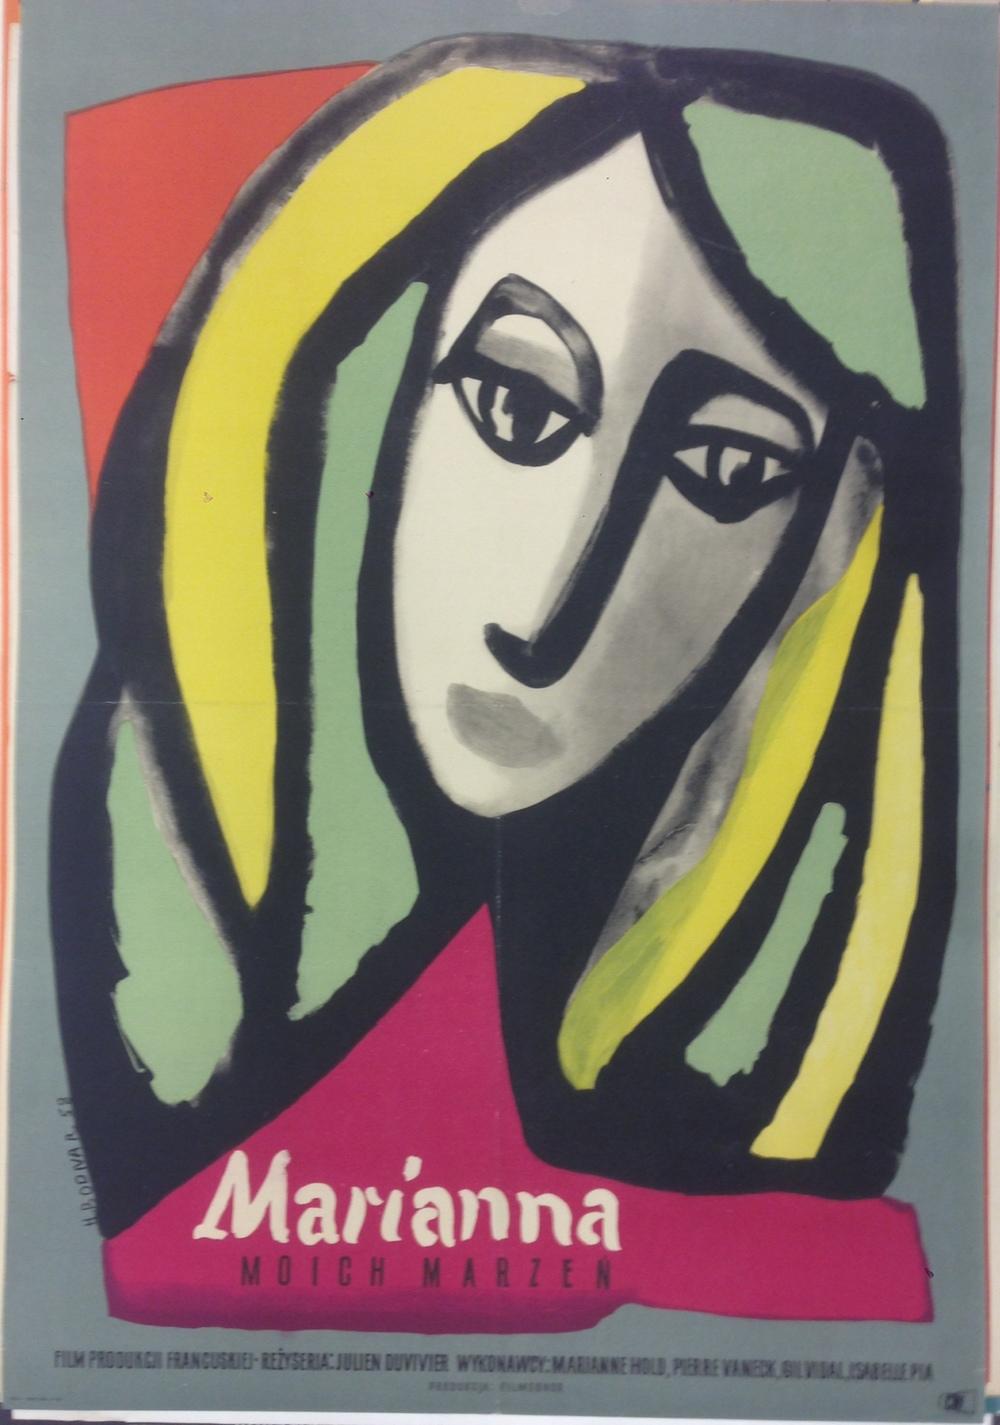 Marianna Moich Marzen.jpg